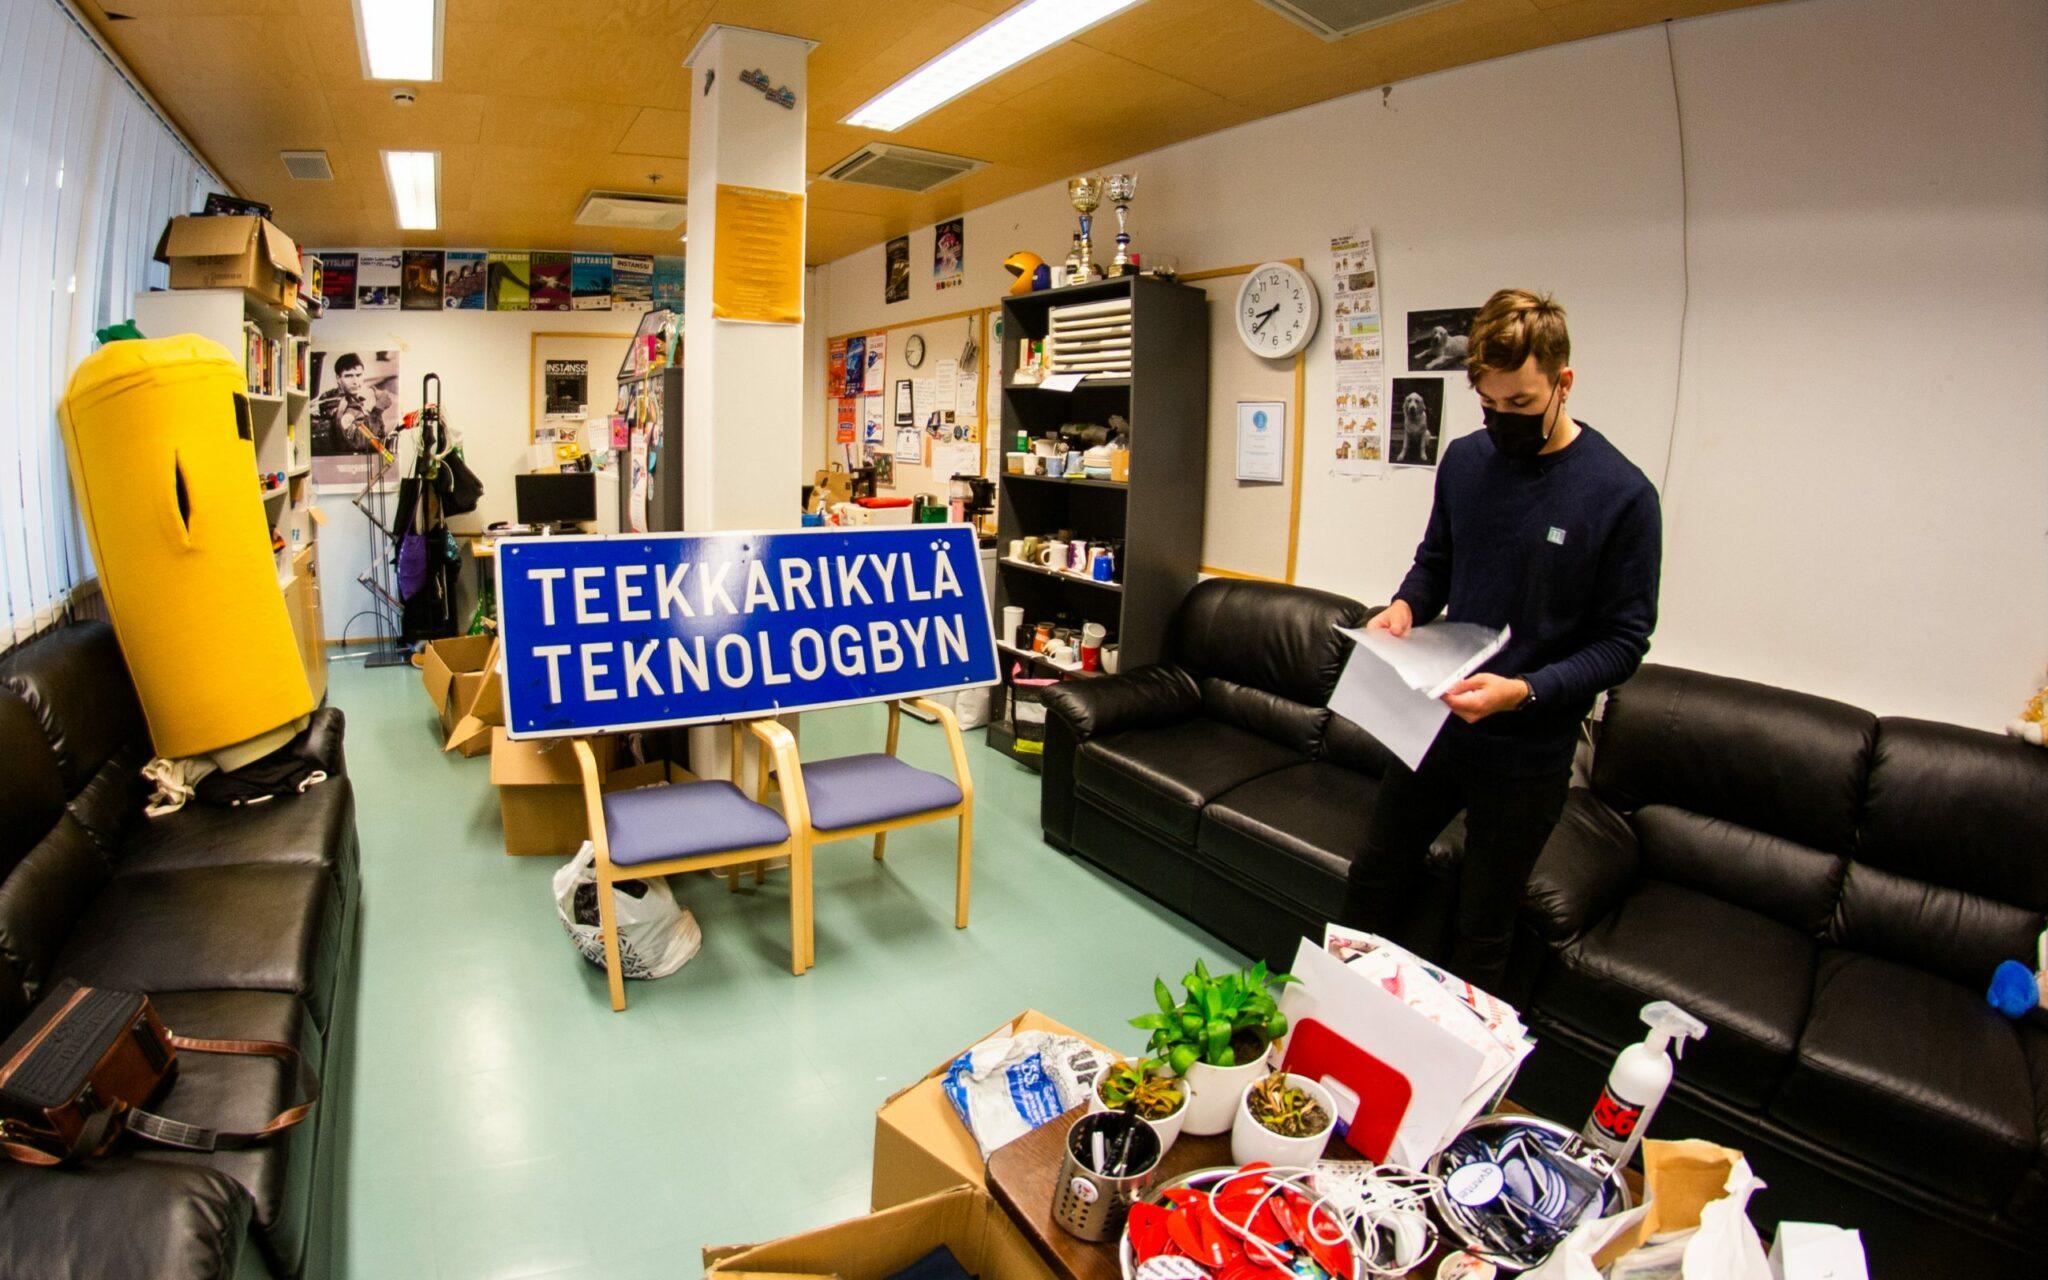 Linkki ry:n puheenjohtaja Roope Tirrosen mukaan Teekkarikylä-kyltti on oikeissa käsissä.